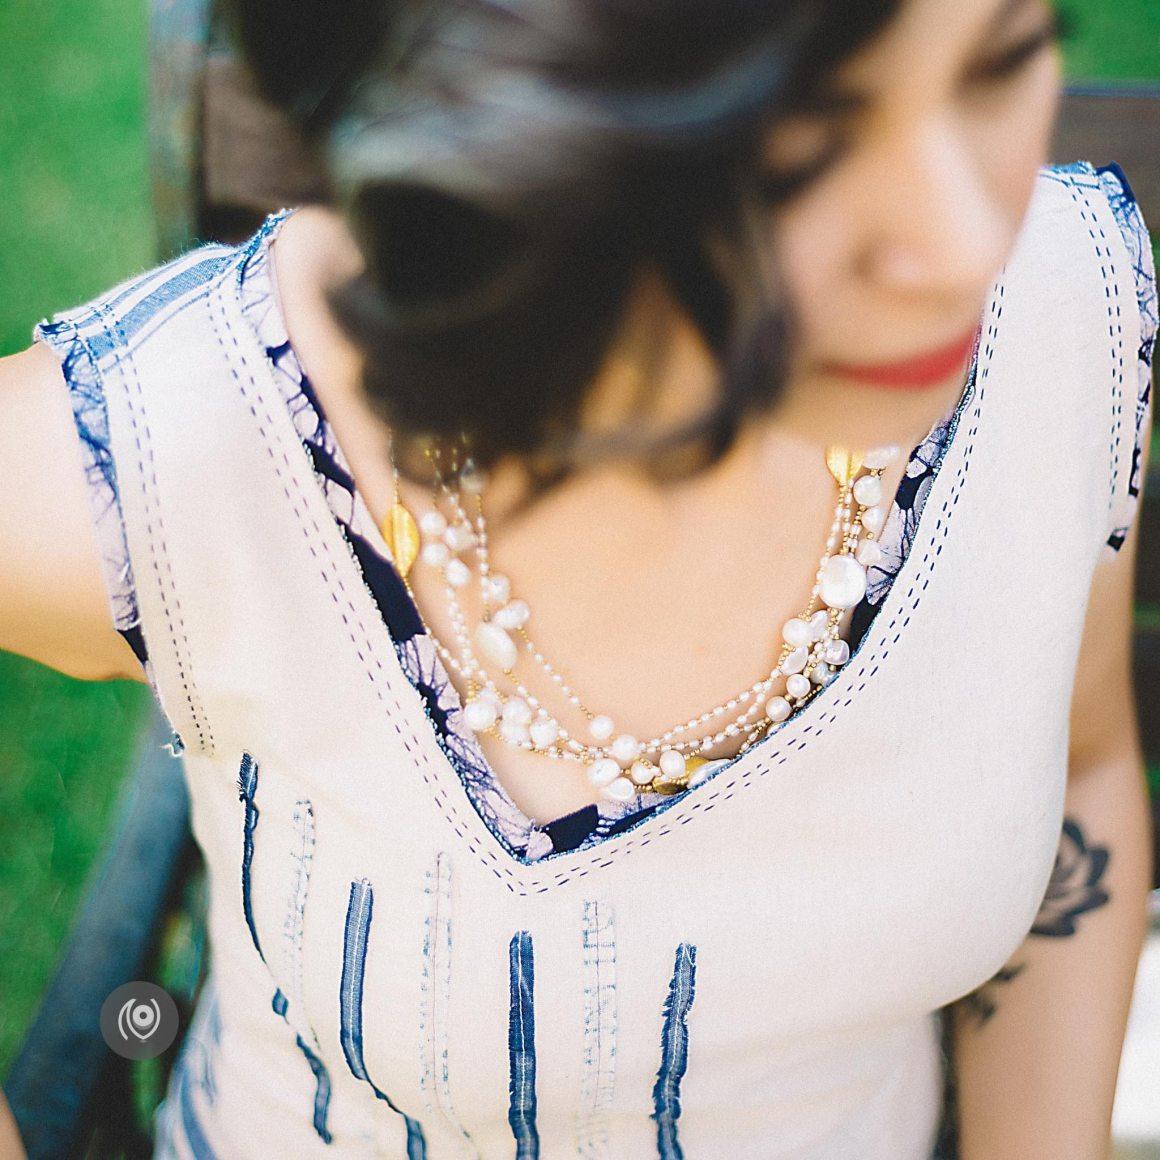 Naina.co-Raconteuse-Visuelle-Photographer-Blogger-Storyteller-Luxury-Lifestyle-CoverUp-Mi-UrvashiKaur-Risa-07